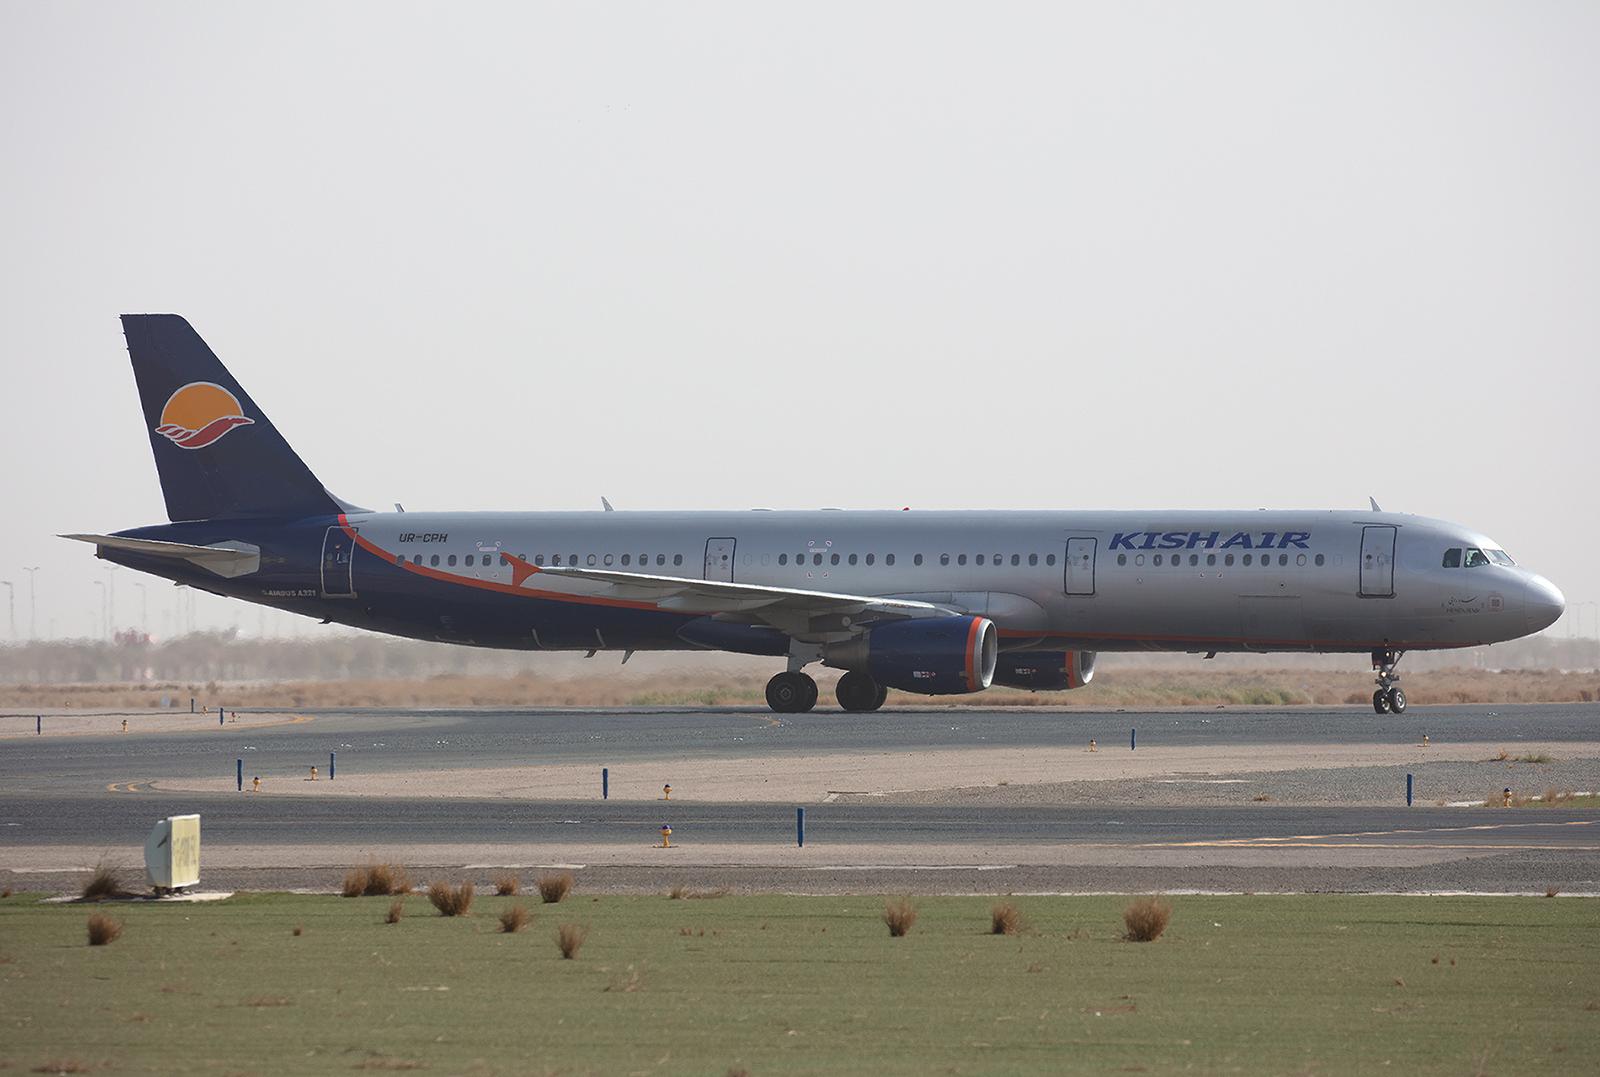 A321 der Kish Air, mit ukrainischem Kenner und in Aeroflot-basic cs..